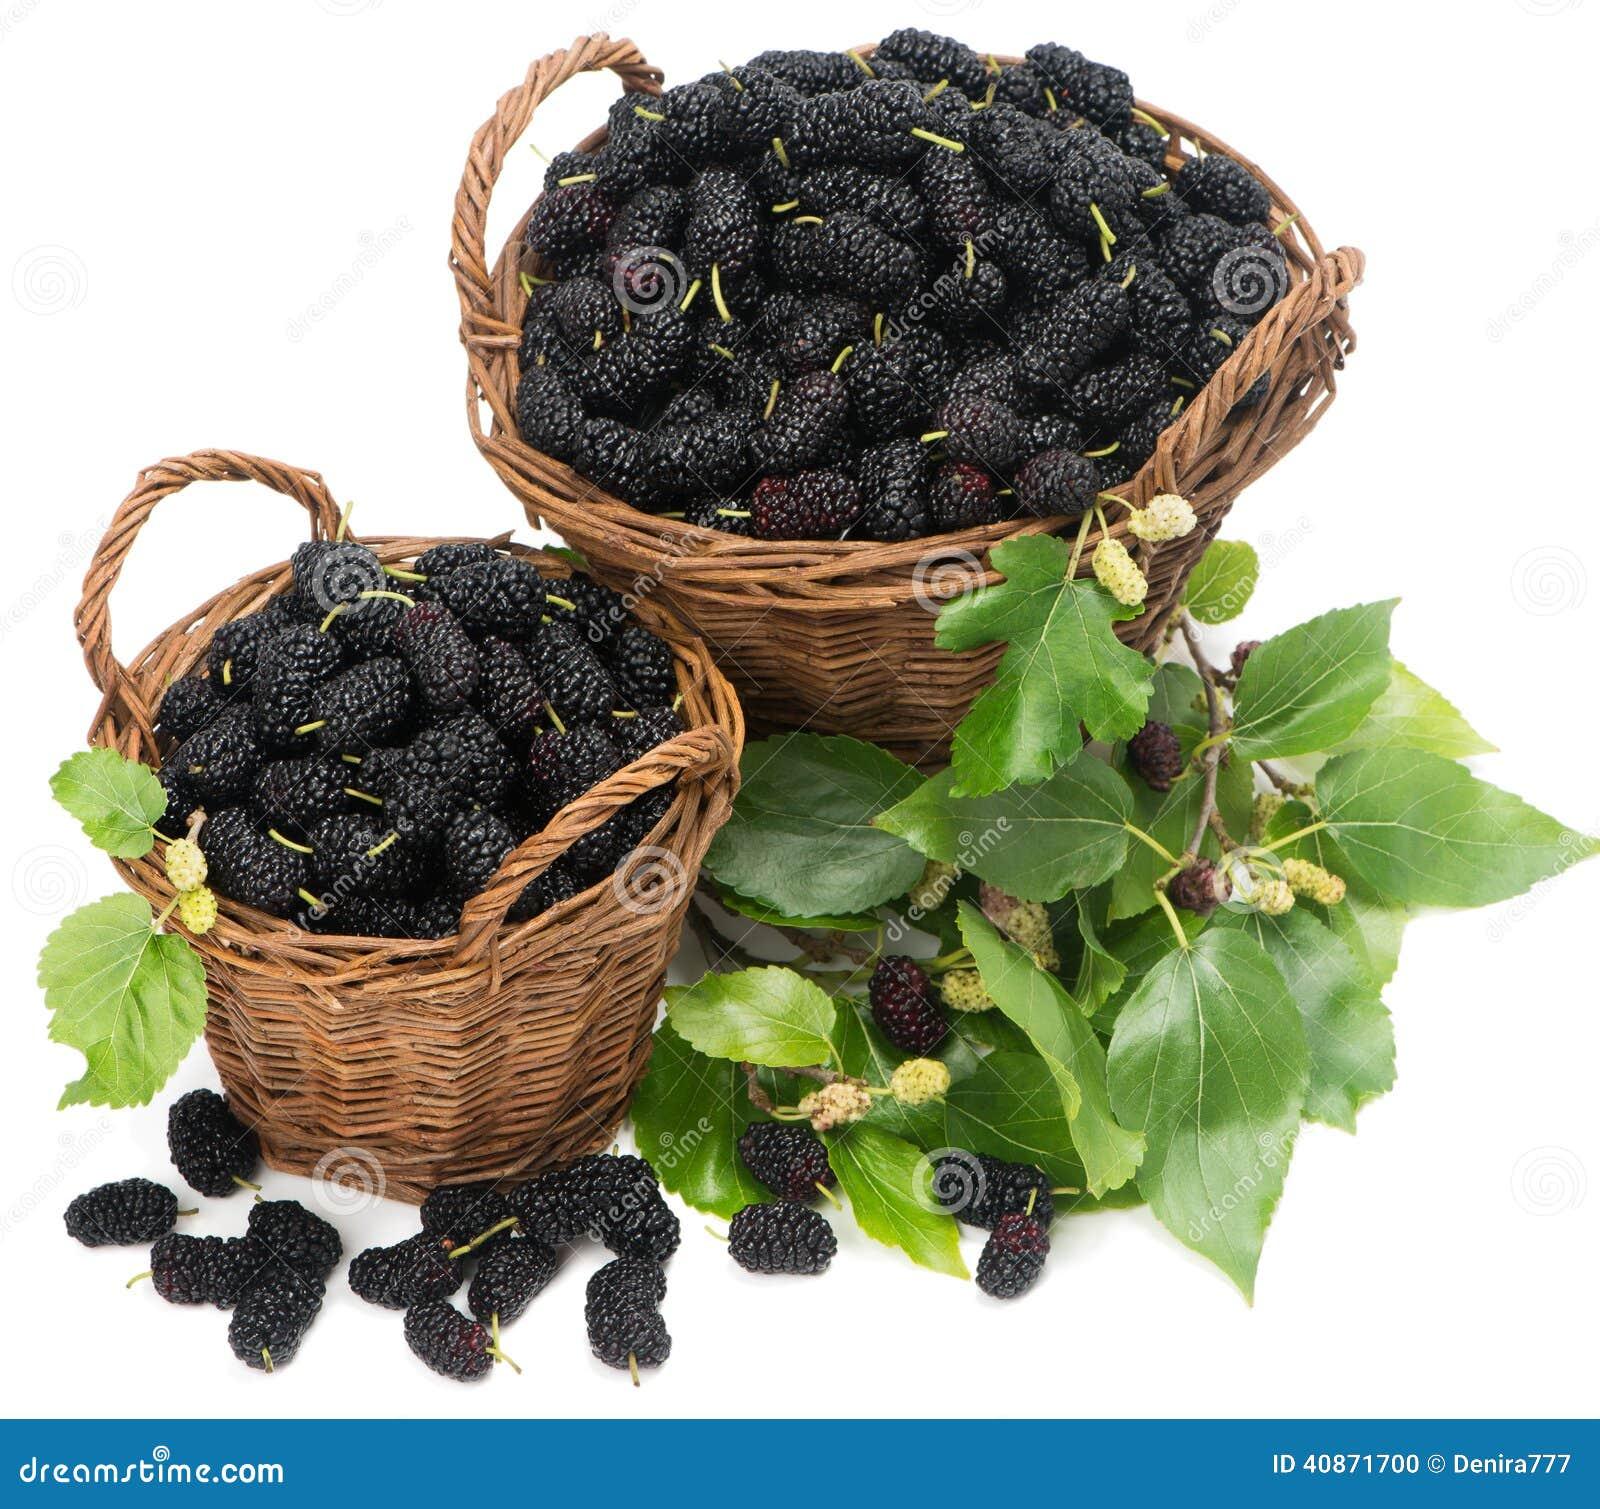 zwei k rbe mit schwarzen maulbeeren und bl ttern stockfoto bild 40871700. Black Bedroom Furniture Sets. Home Design Ideas